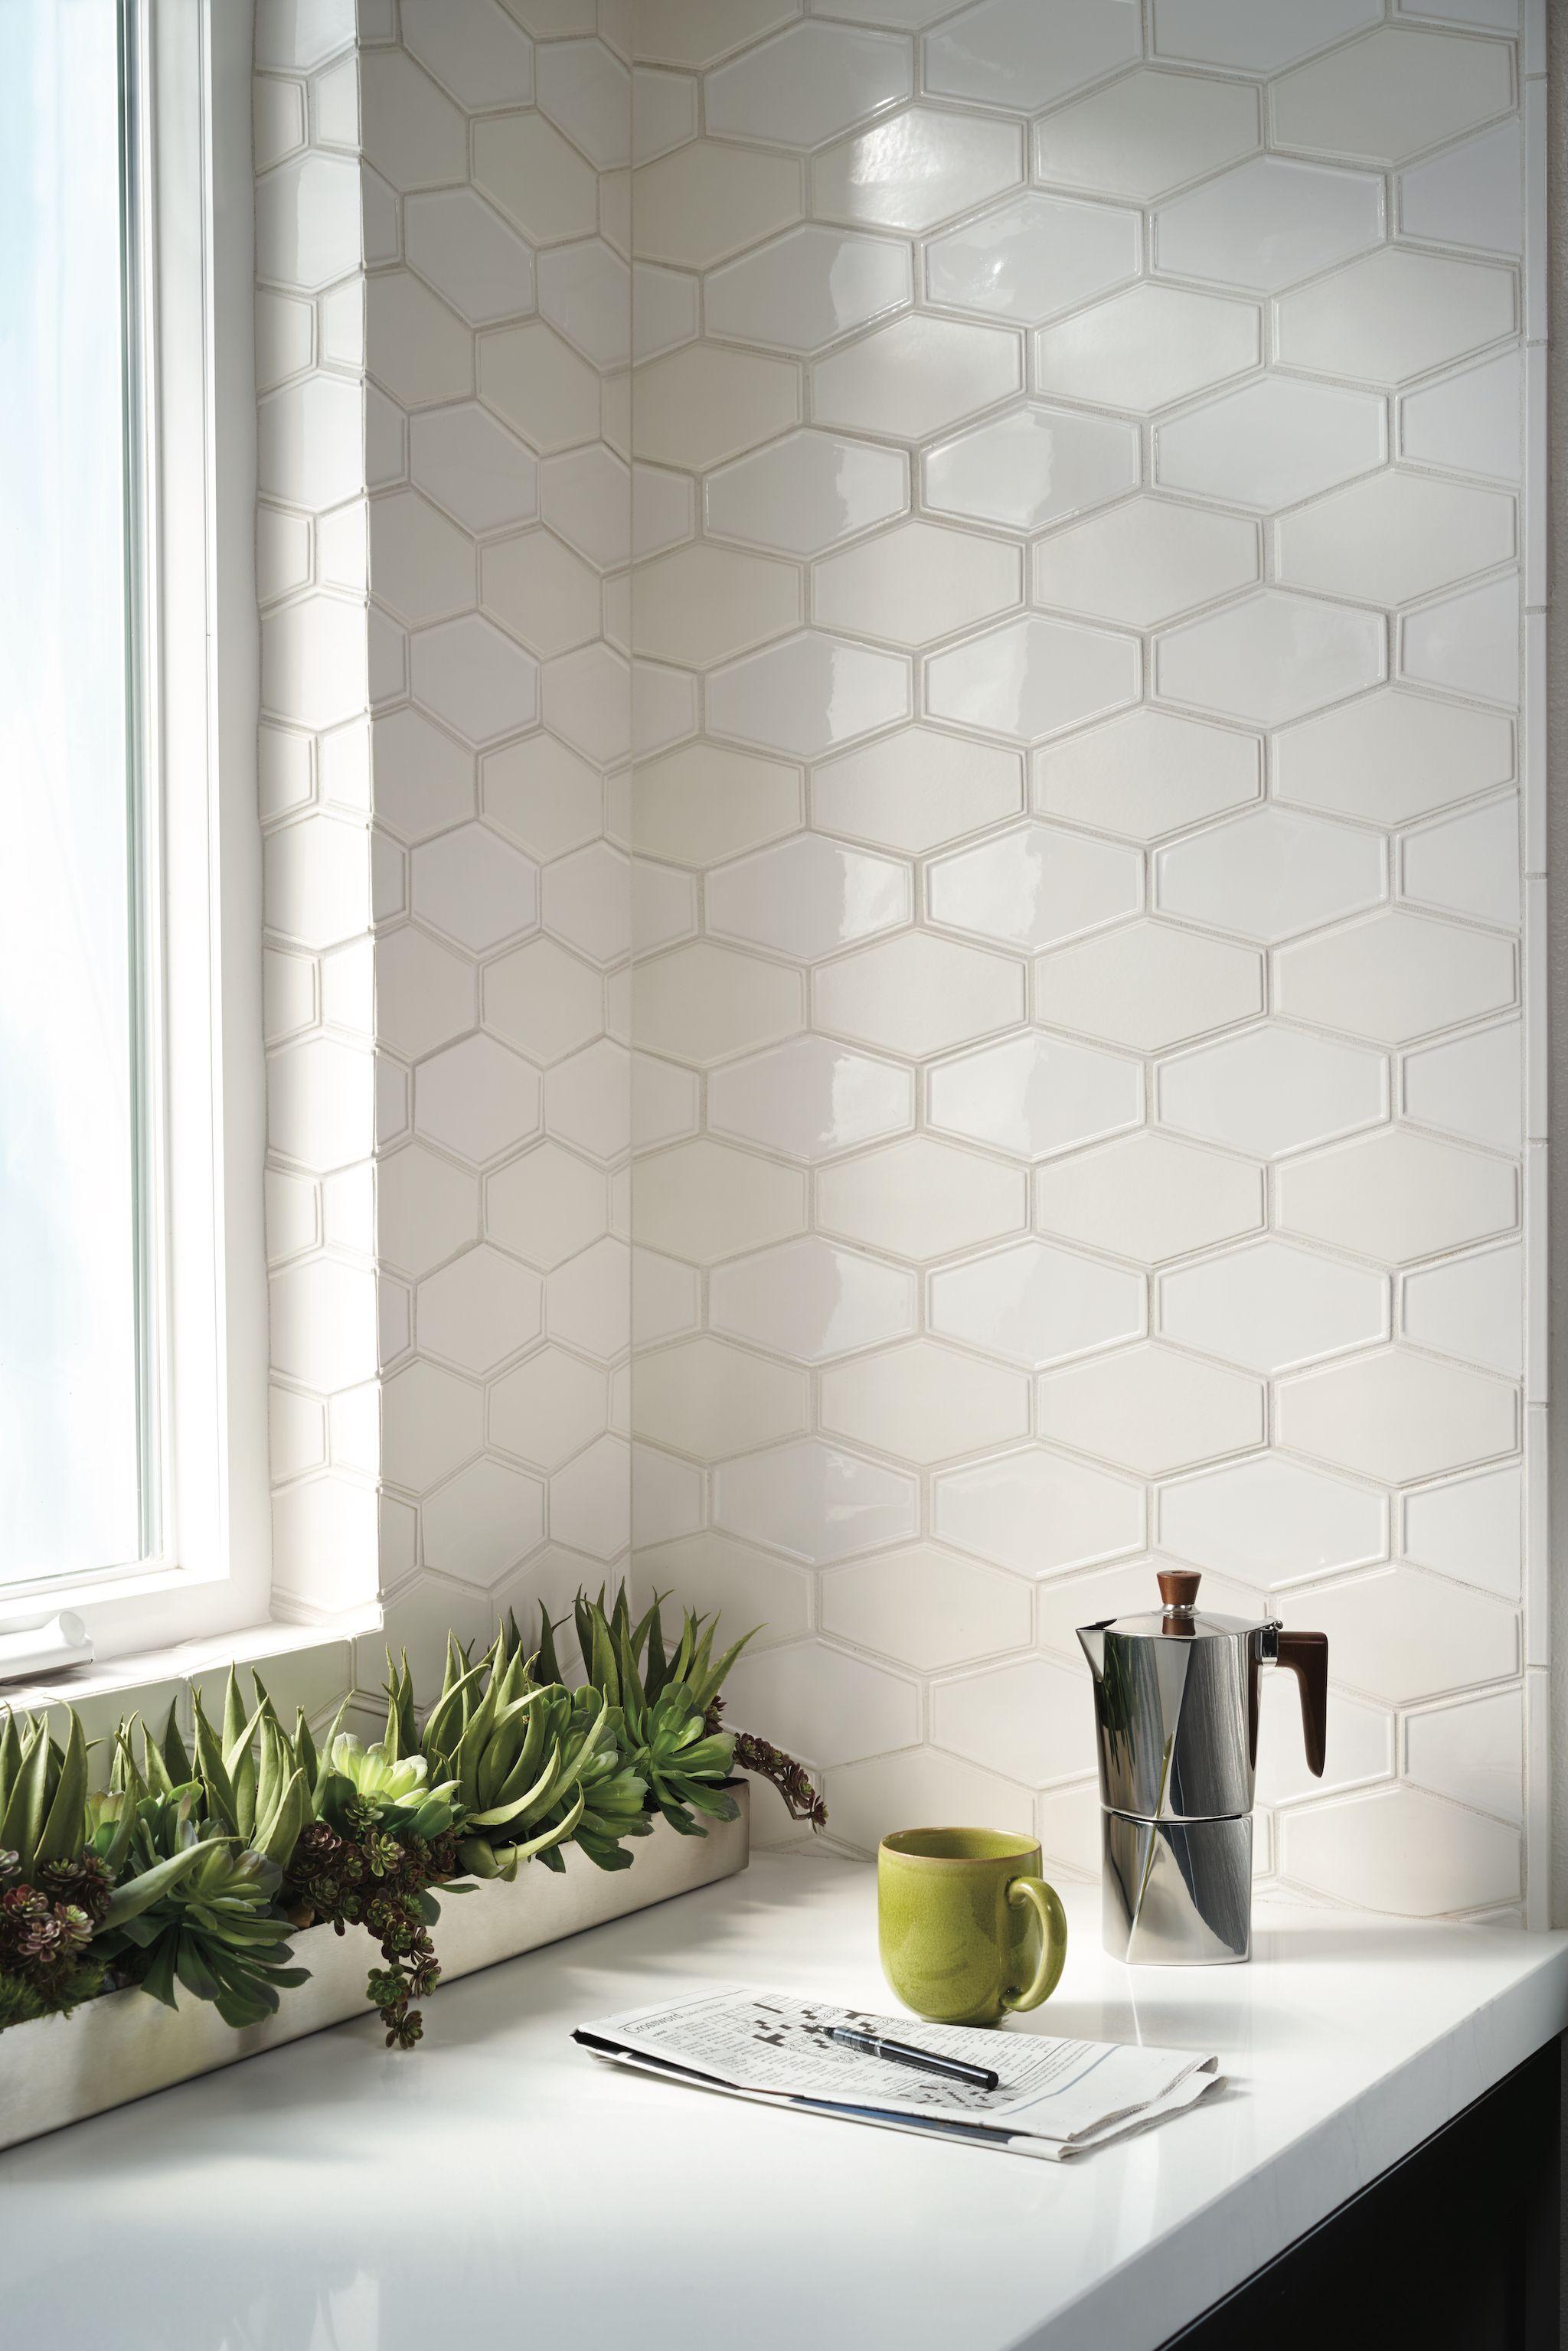 ann sacks ceramic tile backsplash